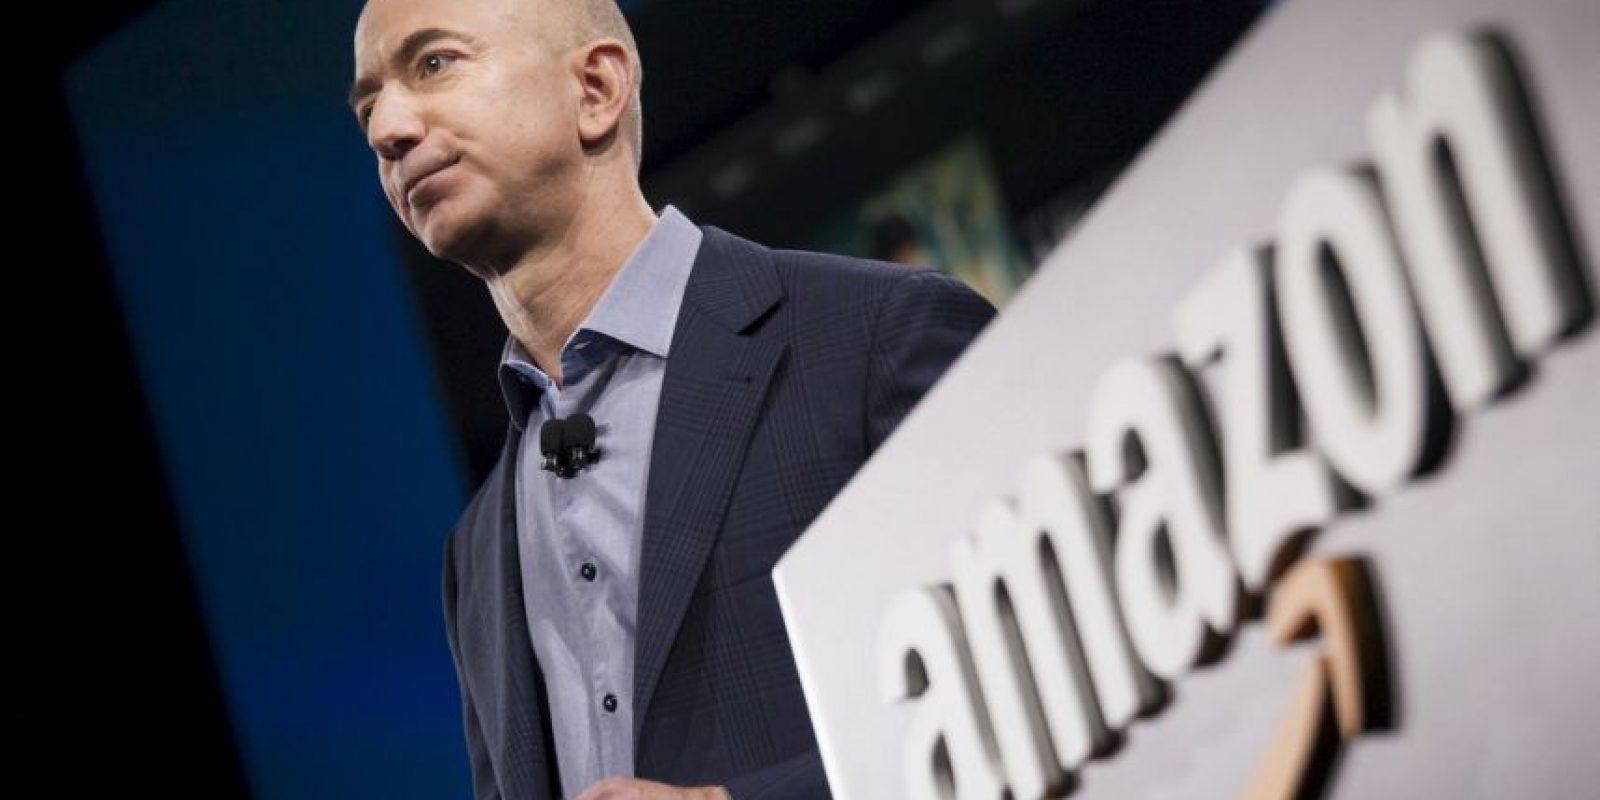 Jeff Bezos, el CEO de Amazon, ha gastado más de 42 millones de dólares en crear un reloj que entregue la hora exacta por más de 10 mil años, aunque no estará vivo para ver si su inversión dio frutos. La idea, es simbolizar la importancia de pensar a largo plazo Foto:Getty Images